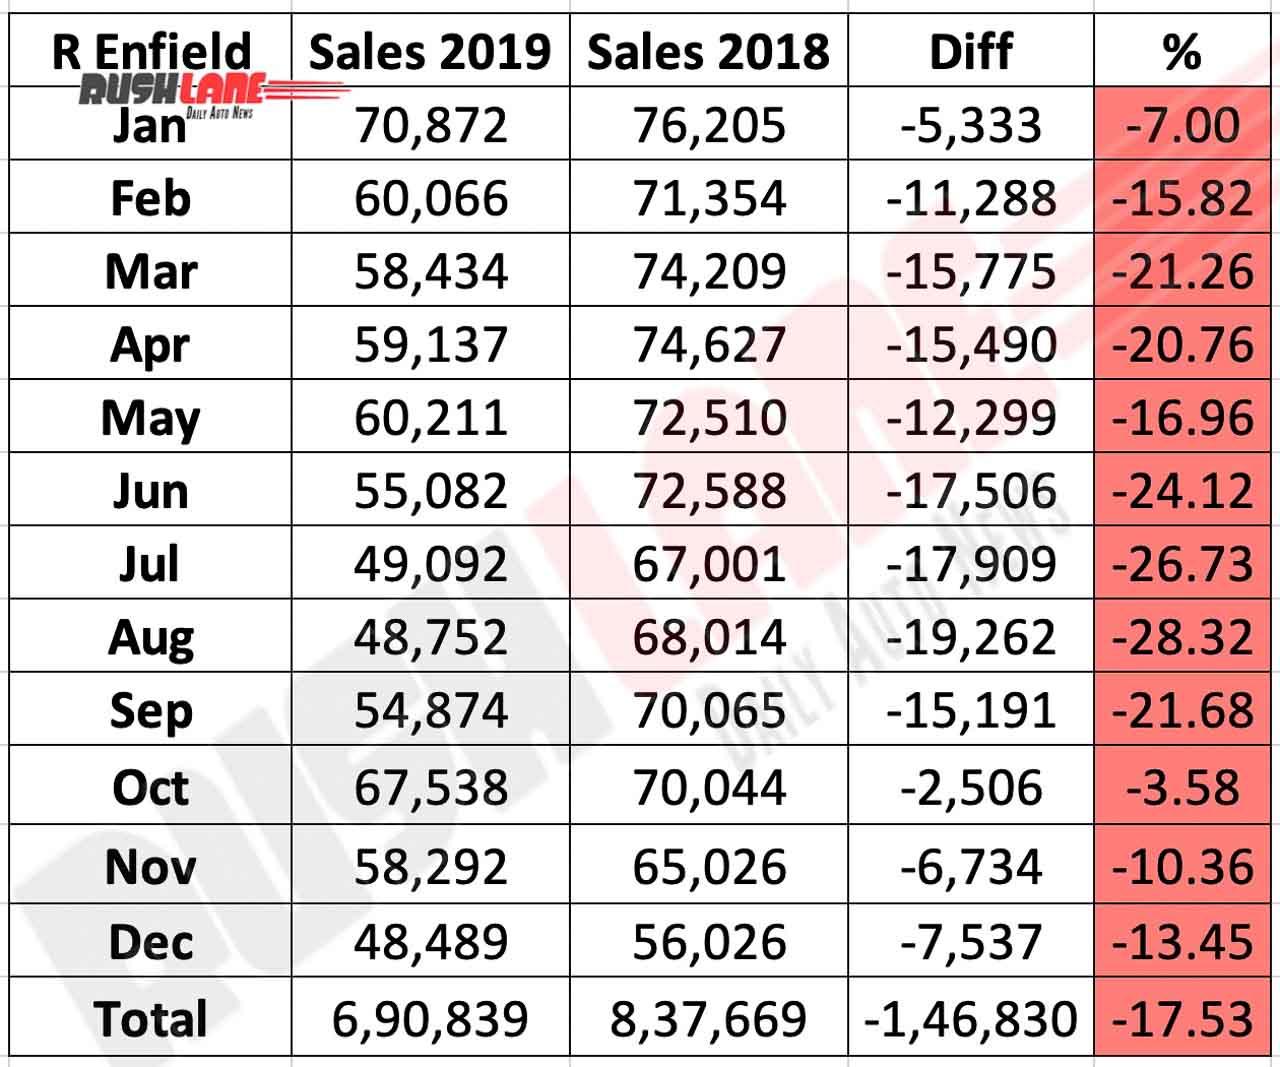 Royal Enfield sales in 2019 vs 2018